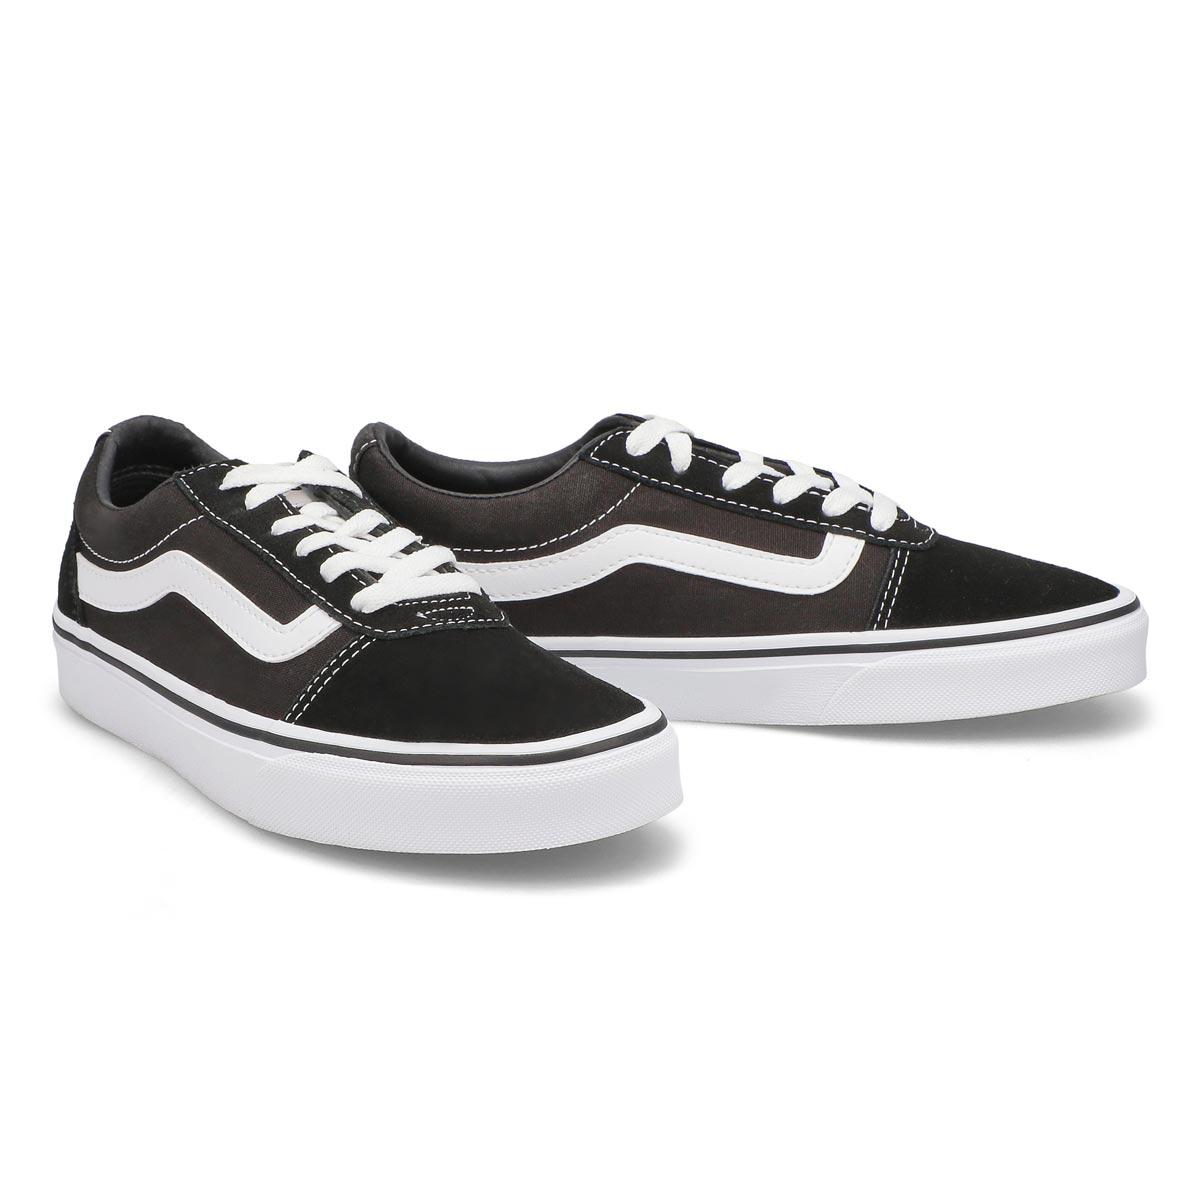 Women's Ward Sneaker - Black/White